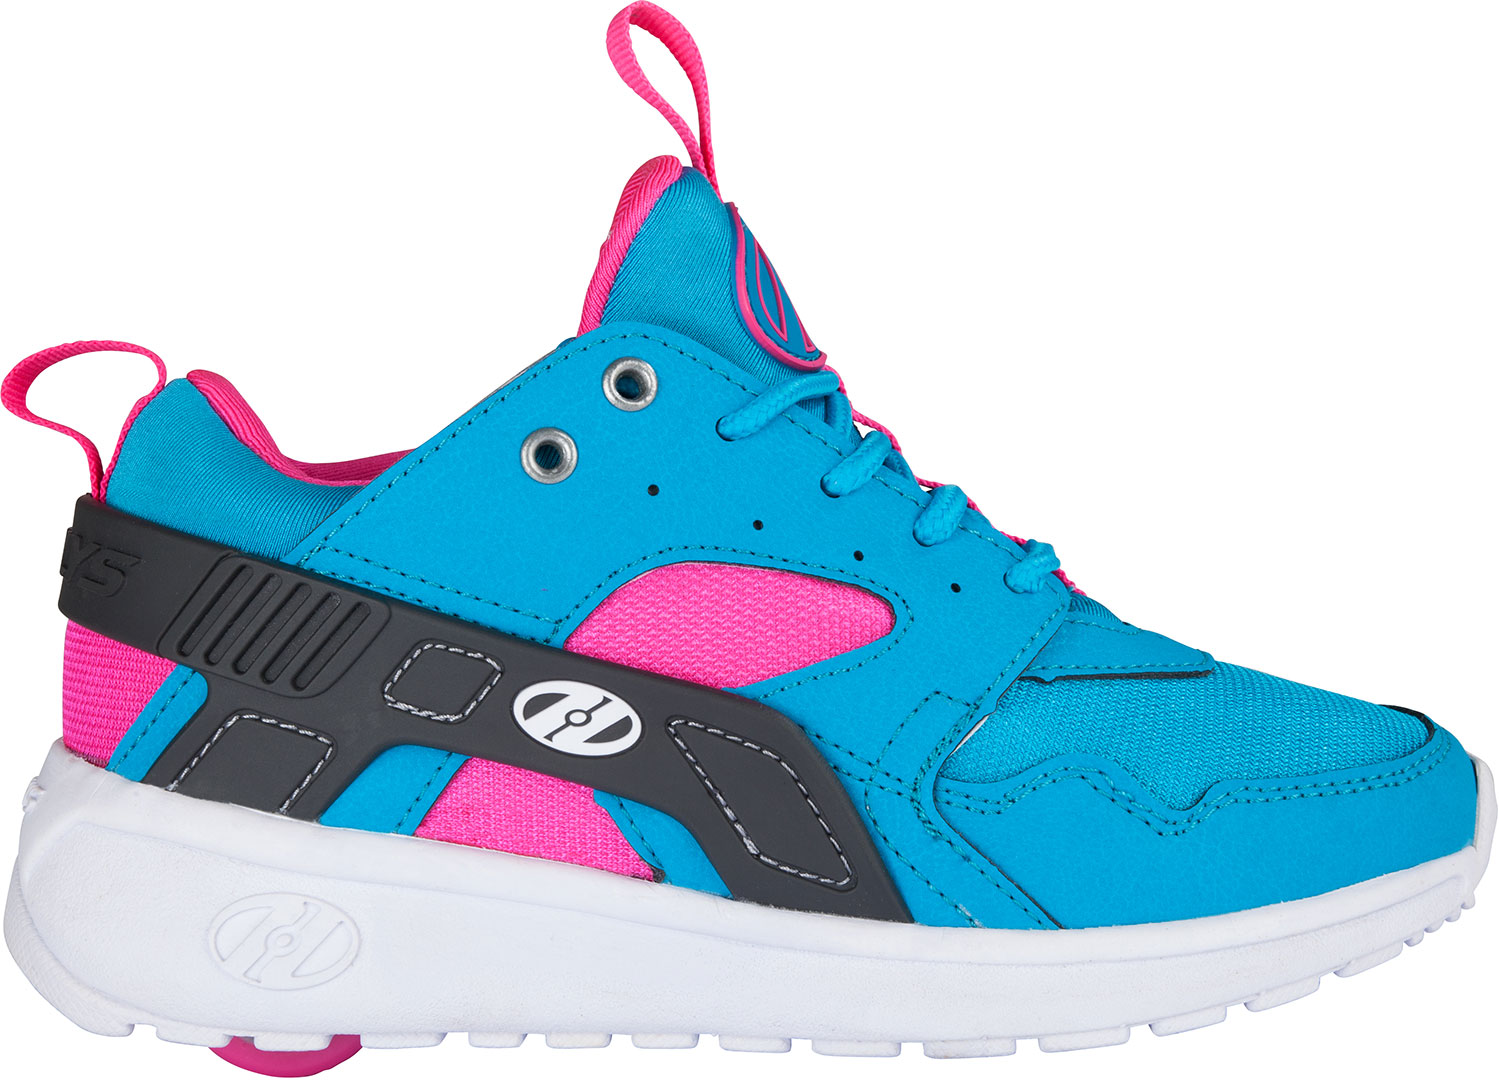 140cb183f786 FORCE Shoe 2017 aqua grey pink